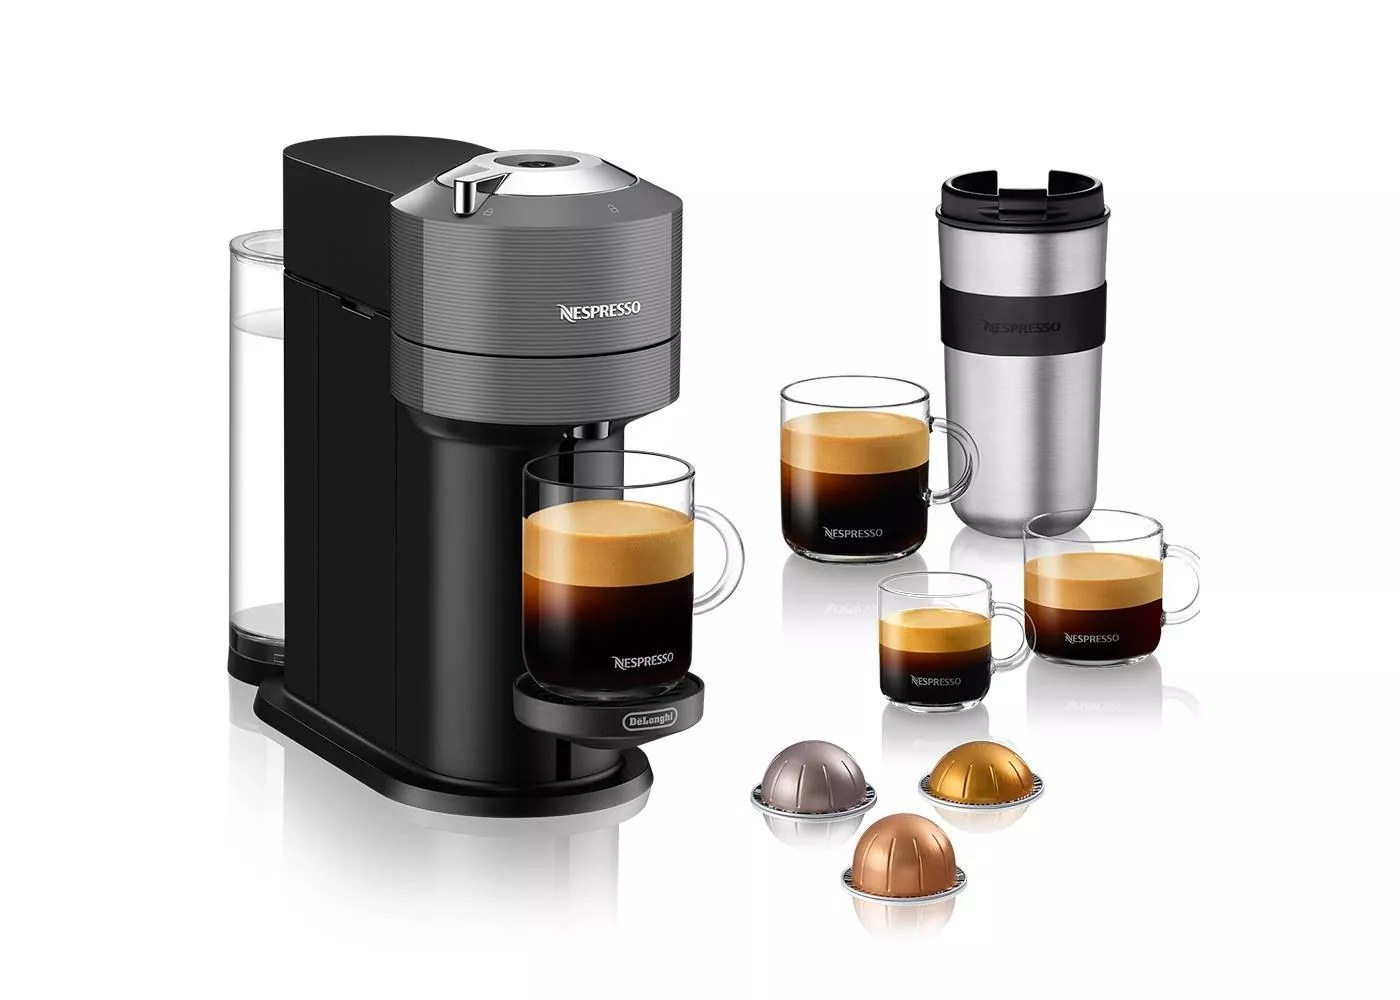 The Nespresso Vertuo coffee and espresso maker